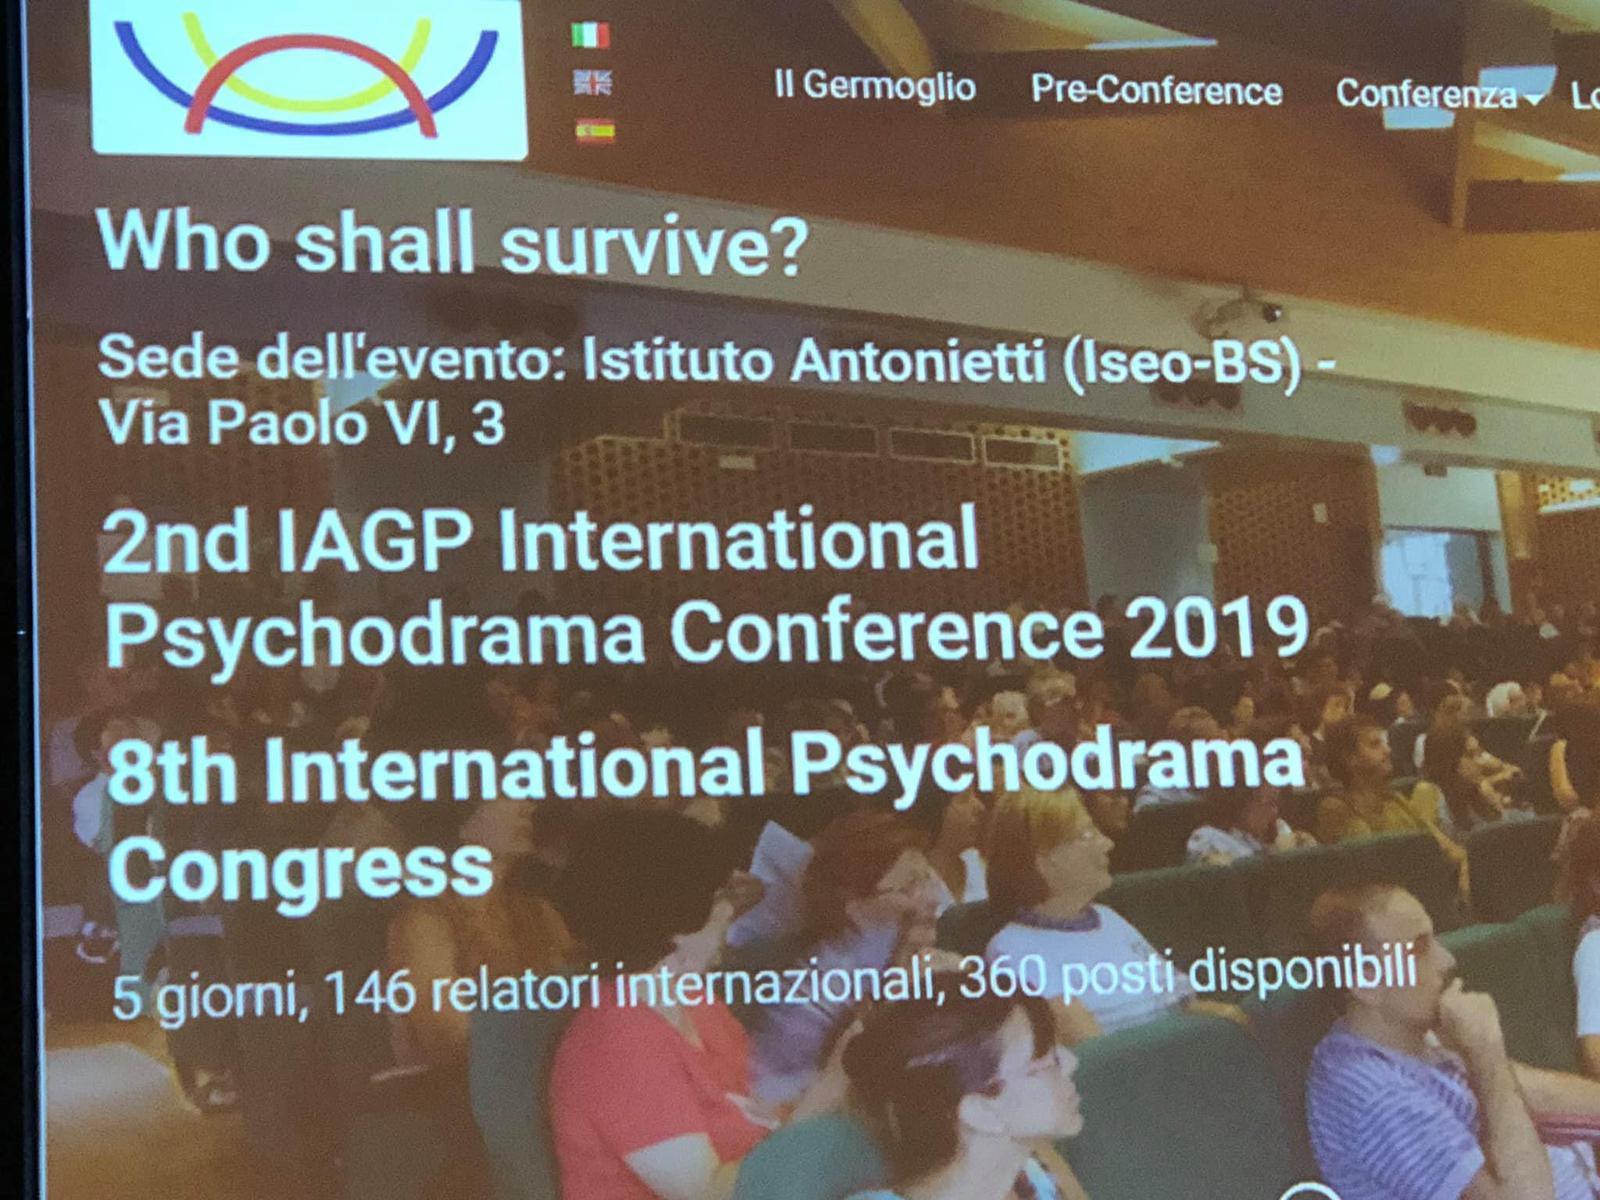 Uluslararası IAGP Psikodrama Kongresi İtalya'da gerçekleştirildi